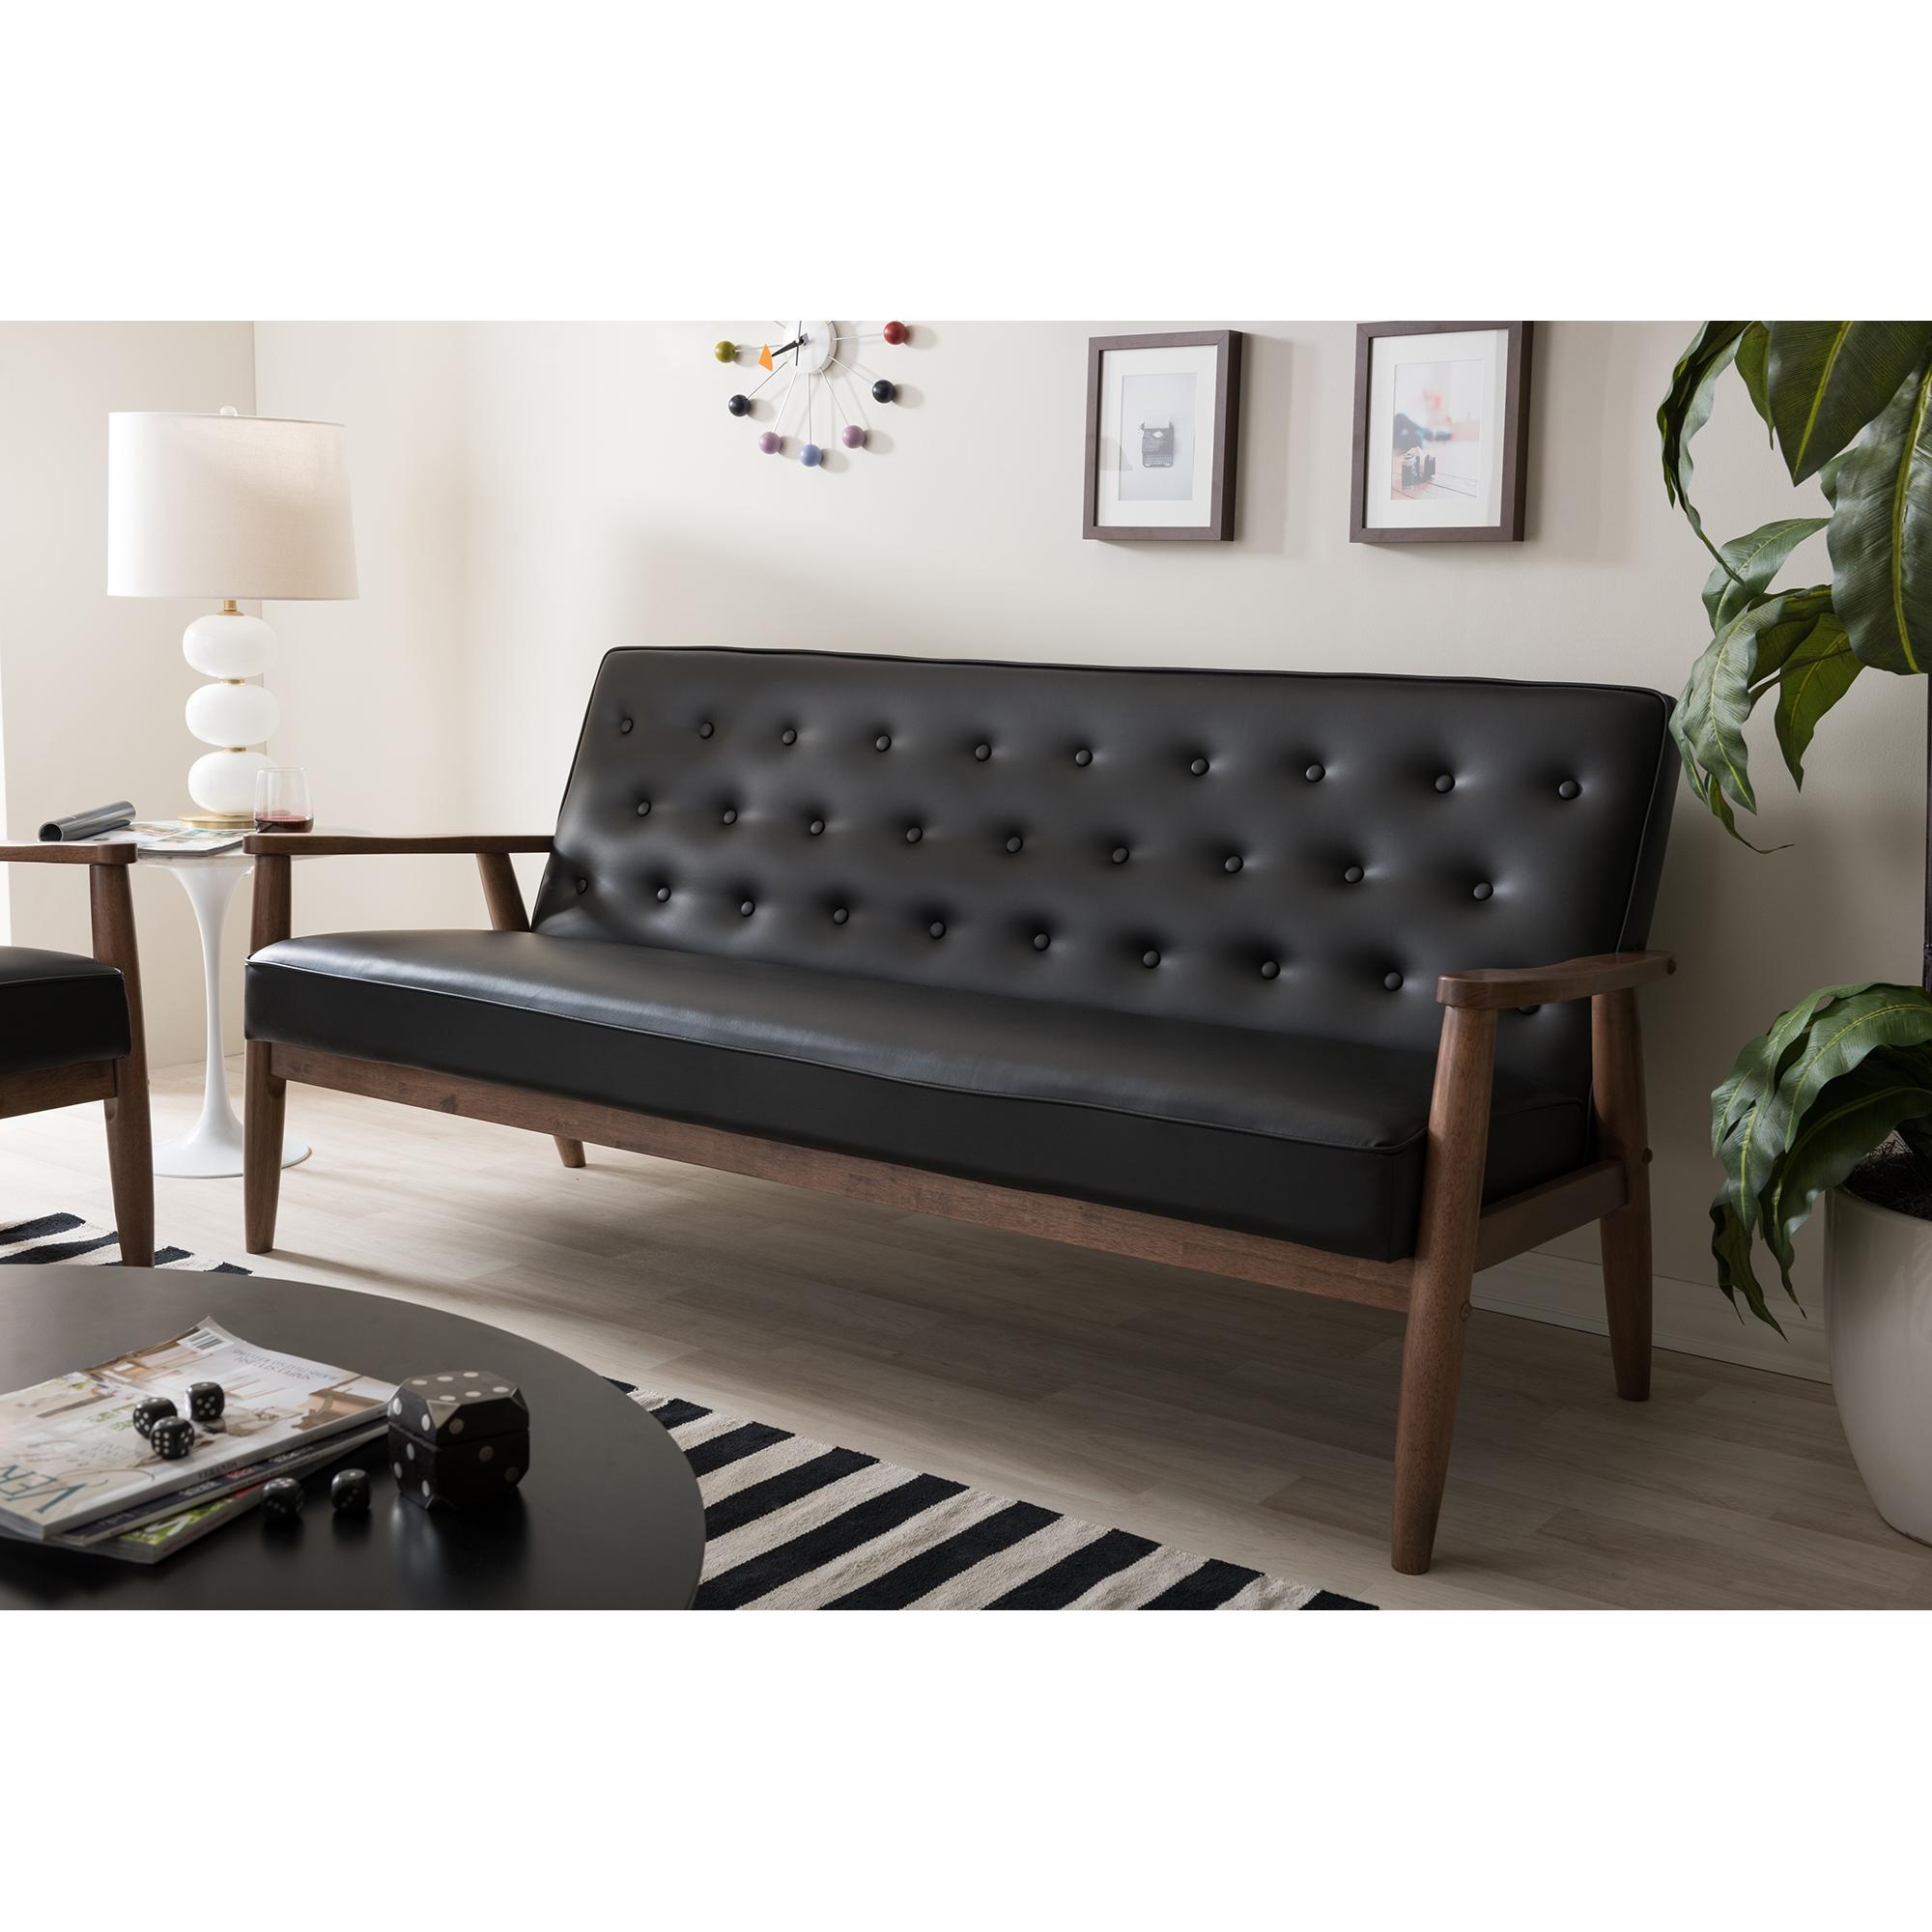 Baxton Studio Sorrento Midcentury Retro Modern Black Faux Leather